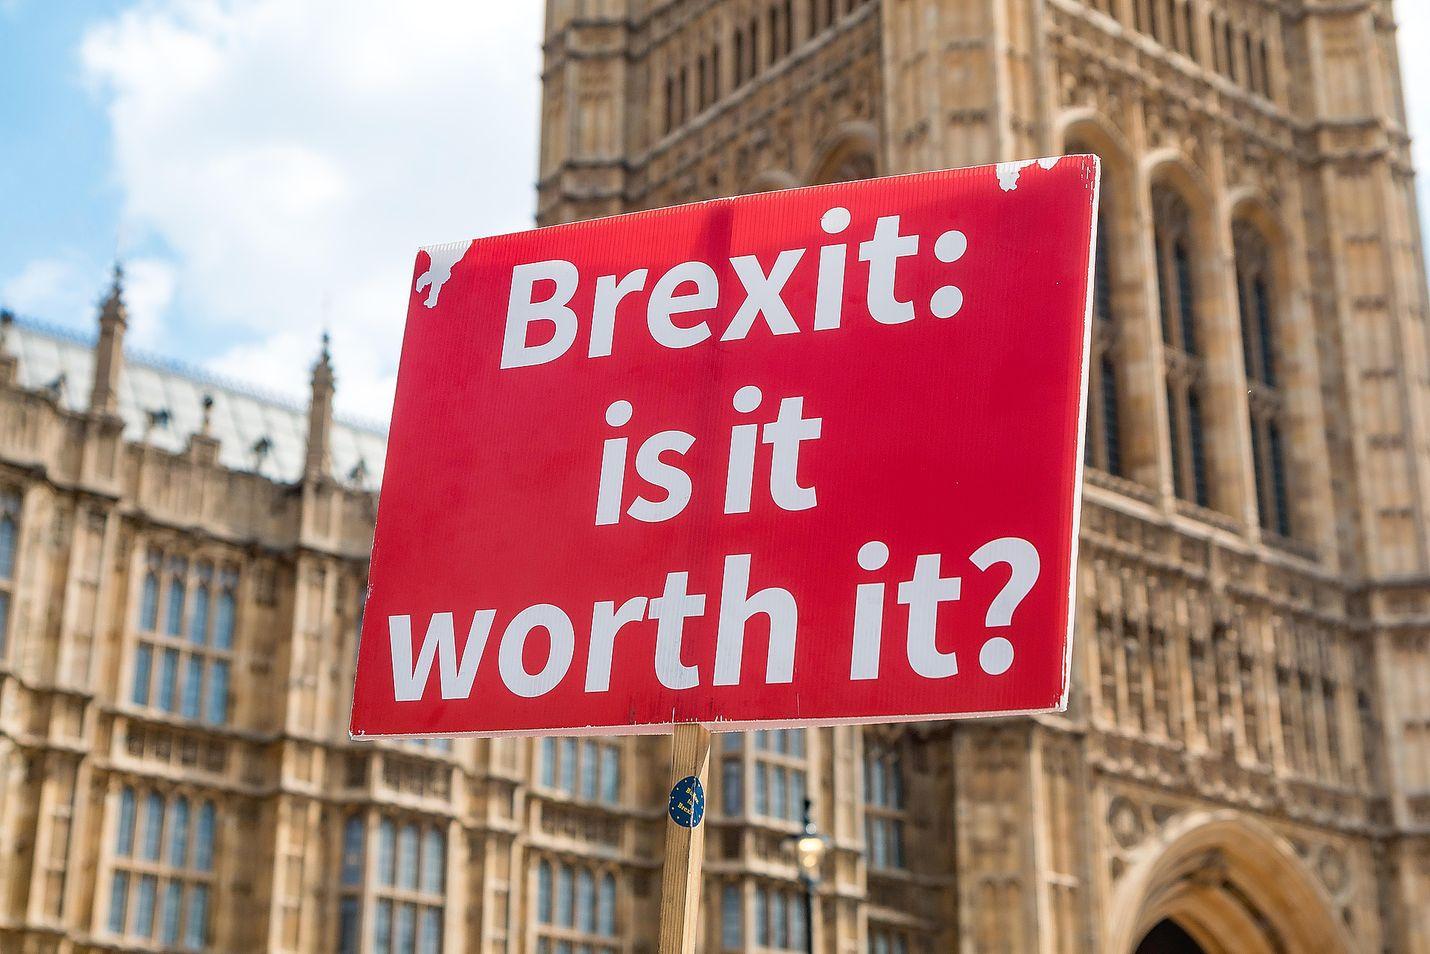 Brexitin kannattavuutta epäiltiin Britanniassa vuosikausia. Kirjoittaja toivoo, että EU ottaa Brexitistä oppia.